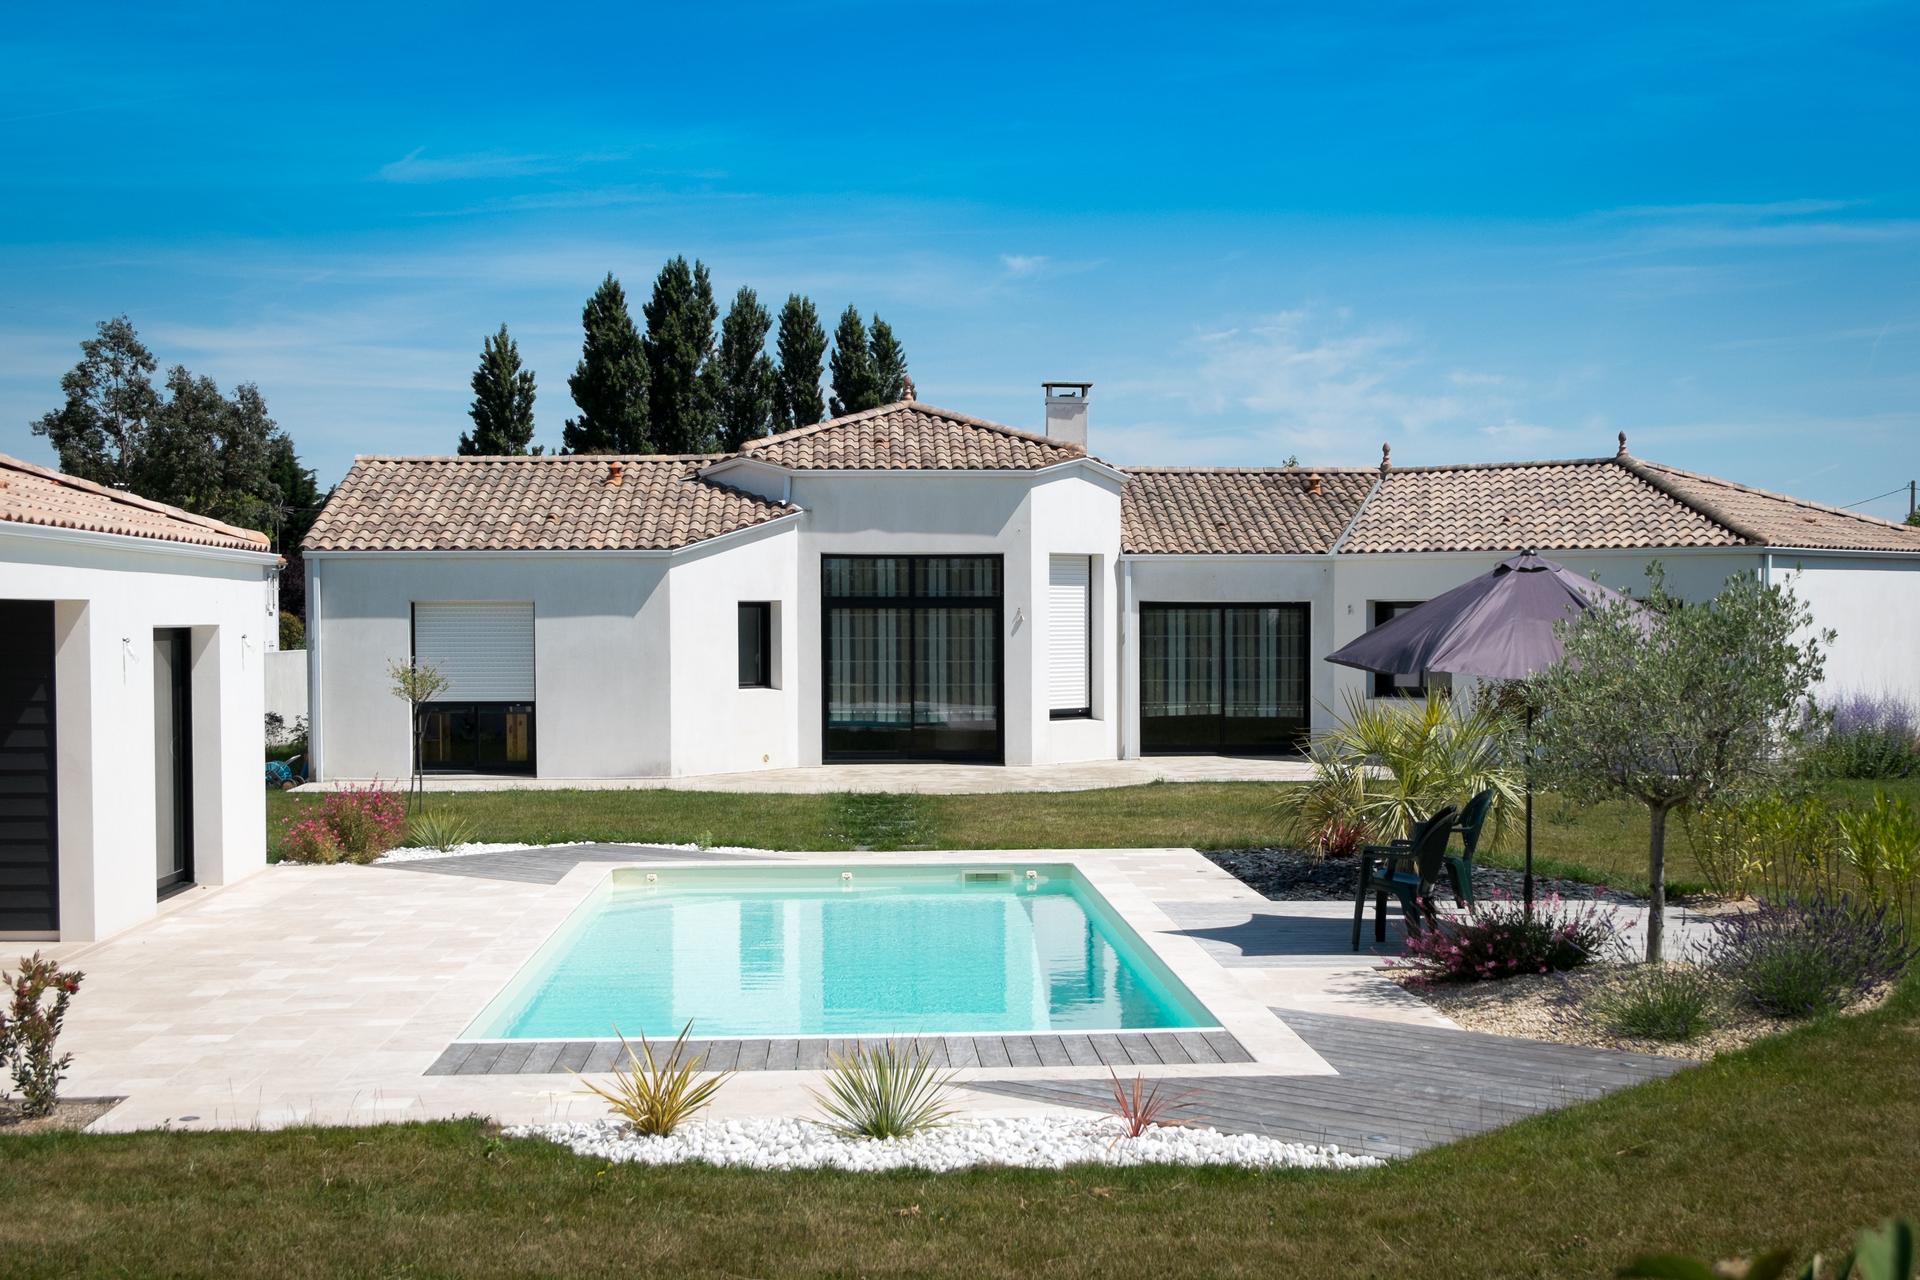 Maison Avec Piscine - Challans - Bâtisseurs Challandais : Constructeur De  Maison En Vendée avec Piscine Challans